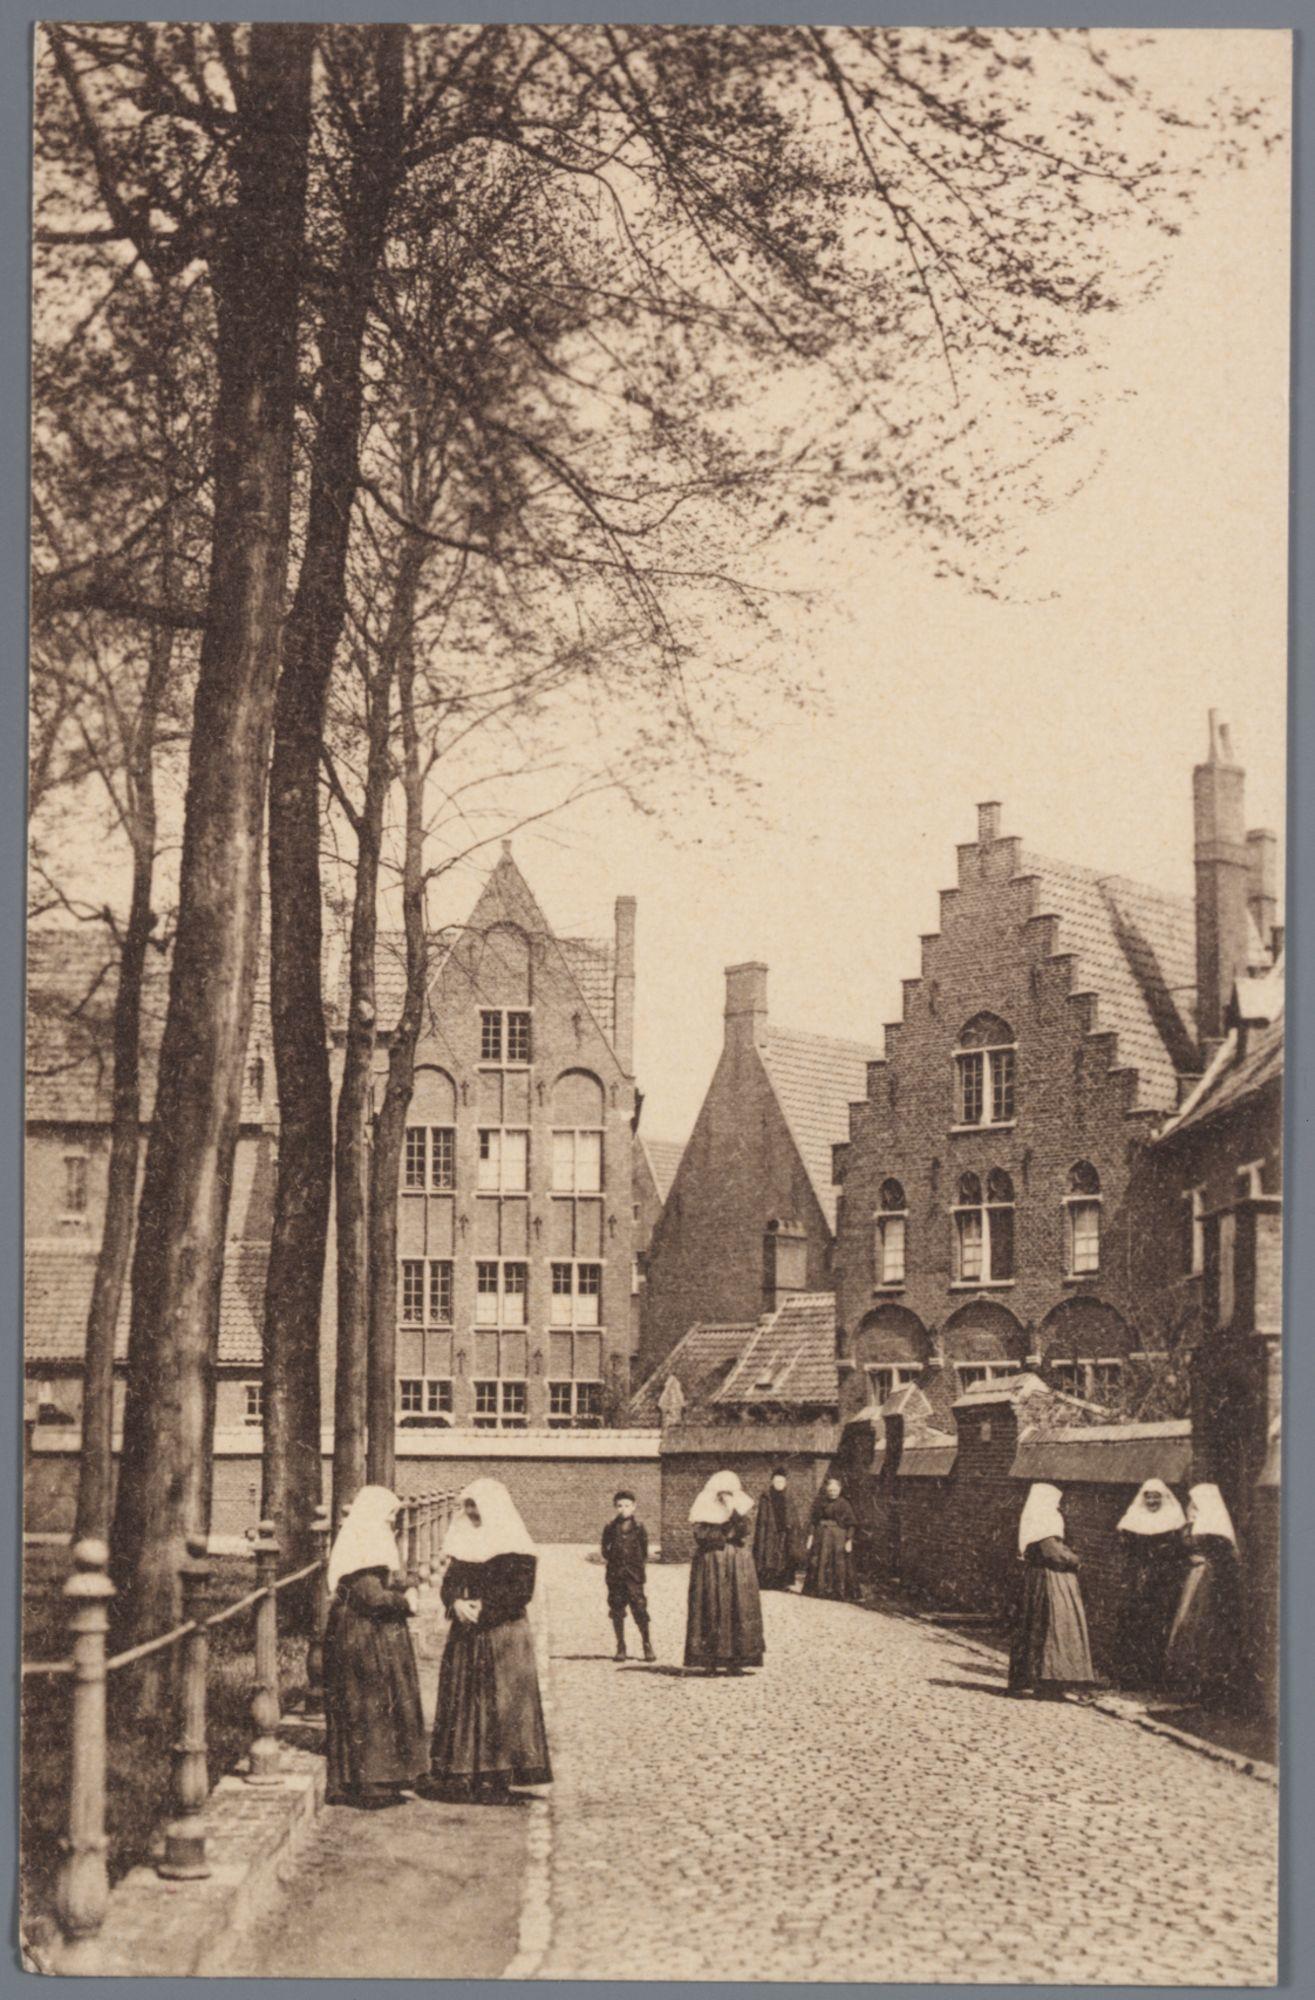 Sint-Amandsberg: Groot Begijnhof: oostelijke zijde van het Sint-Beggaplein (binnenplein)